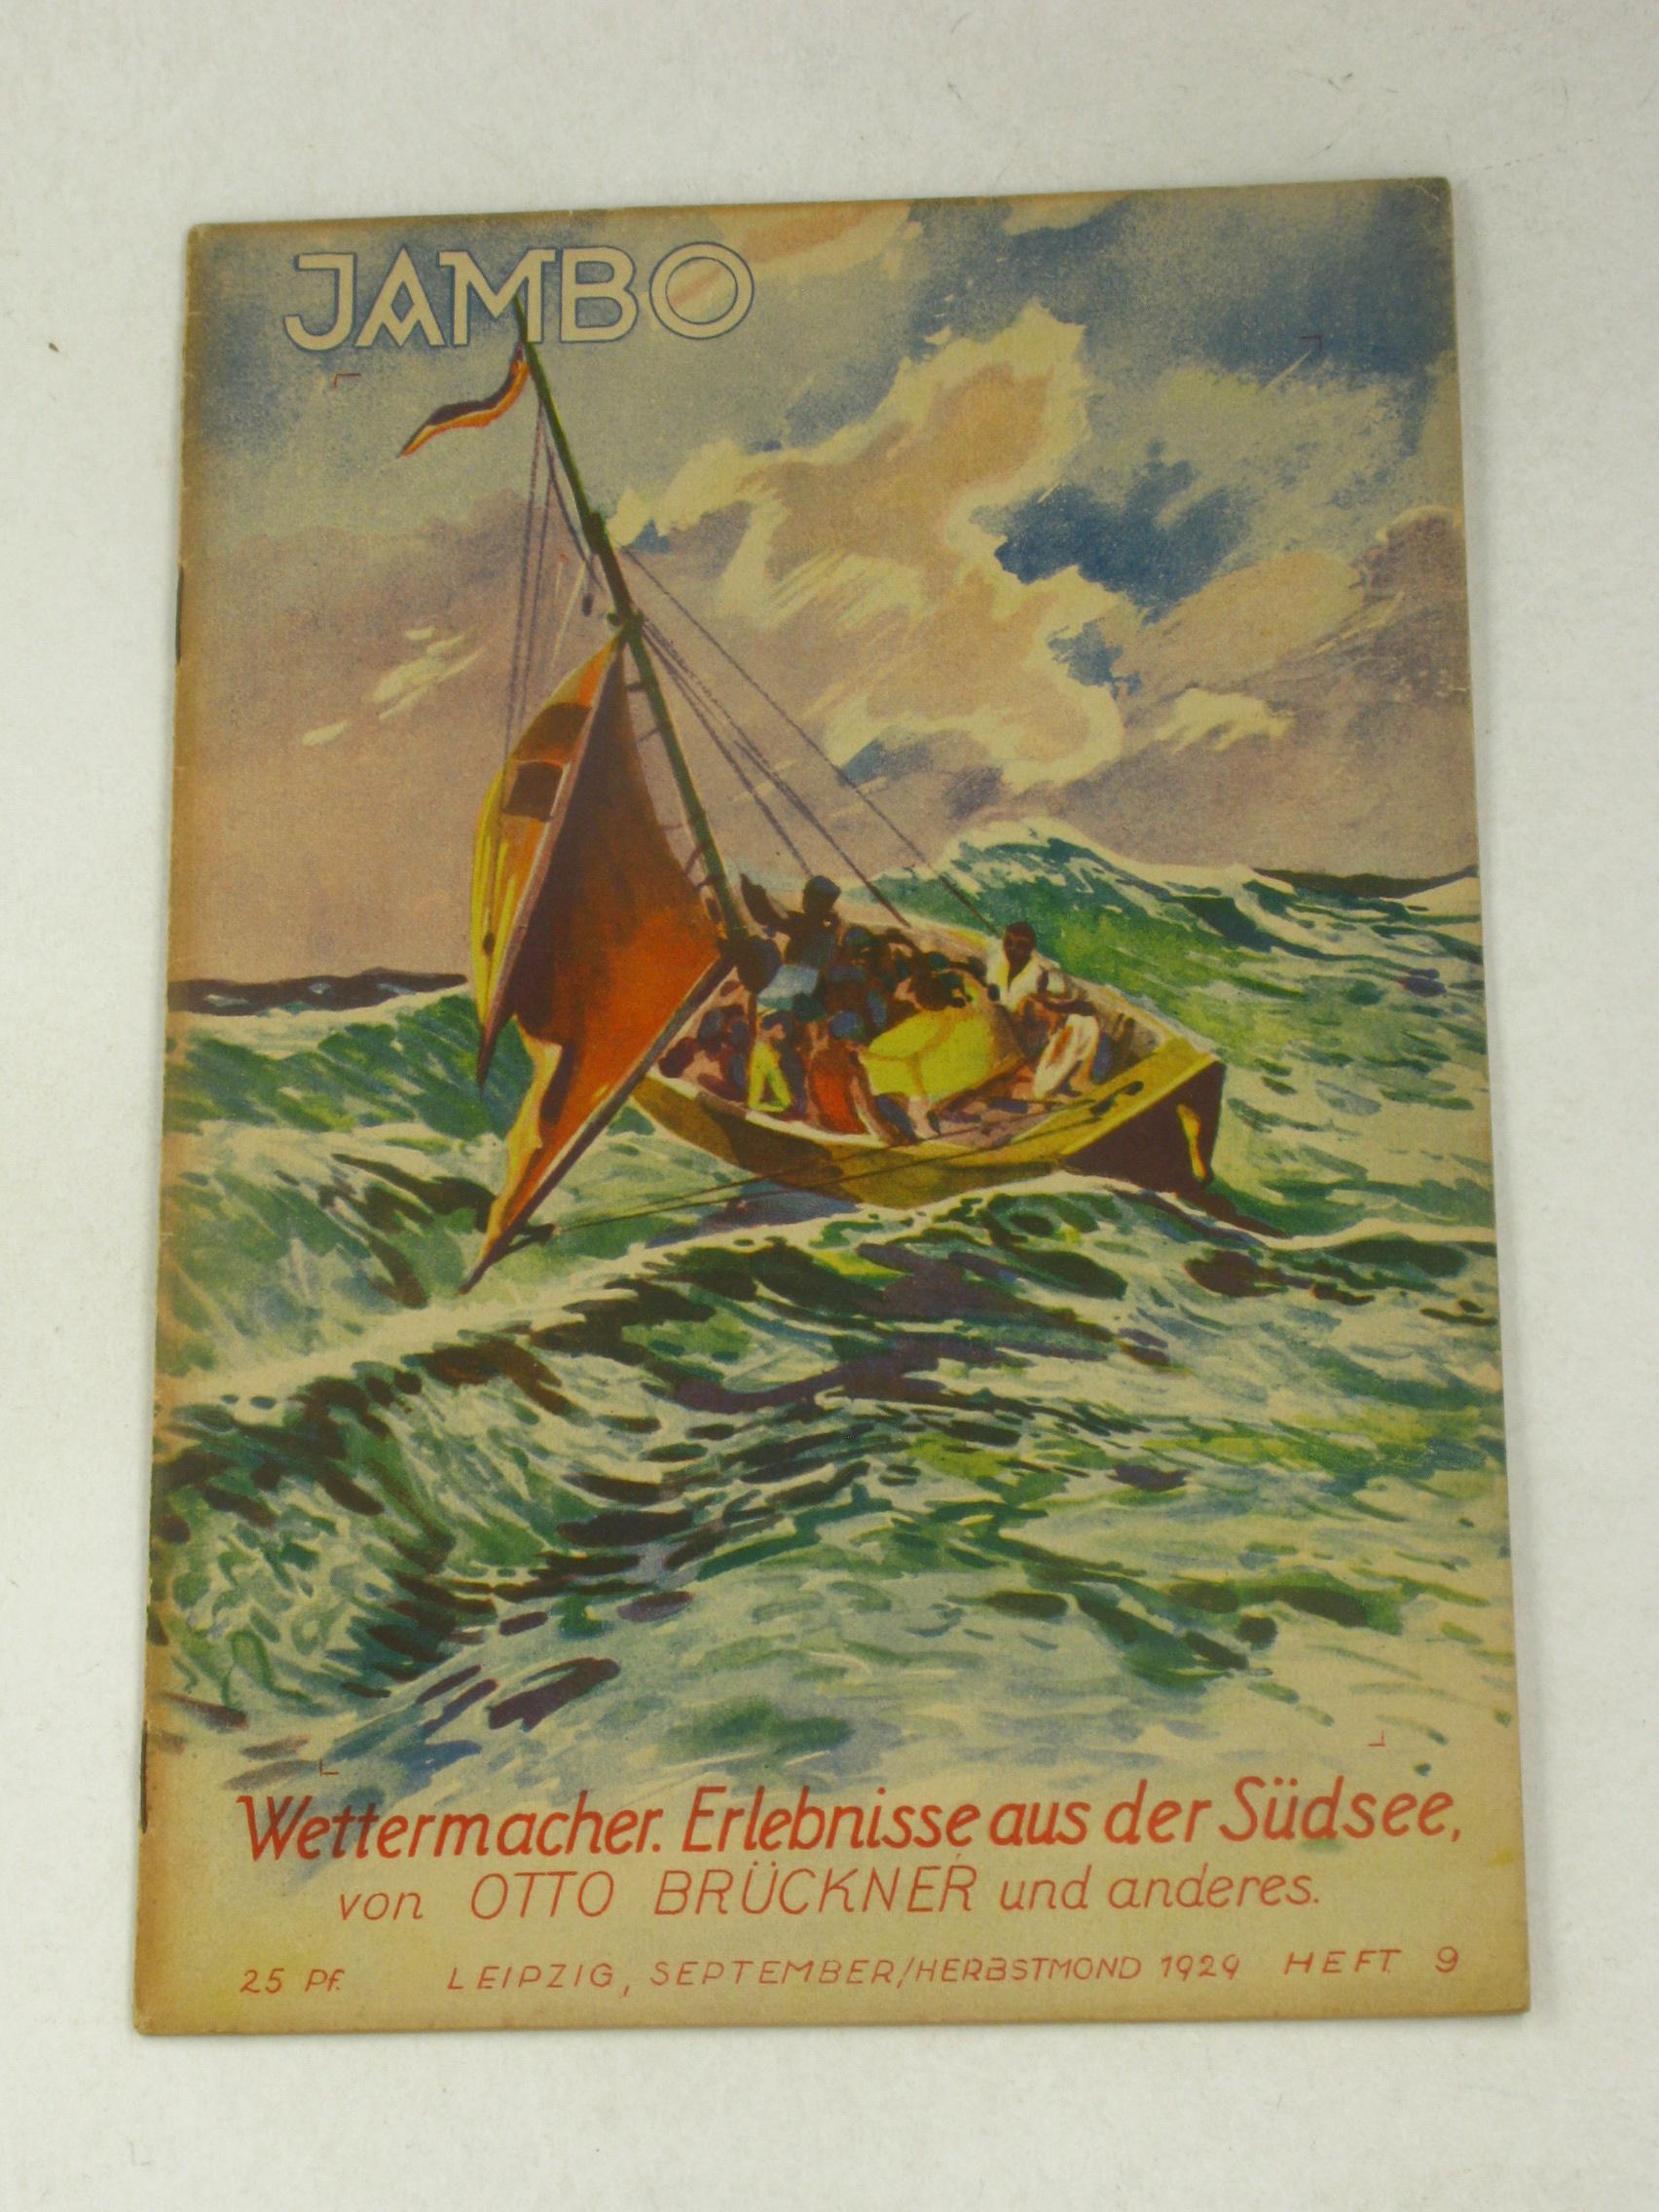 Wettermacher. Erlebnisse aus der Südsee.,: Brückner, Otto: